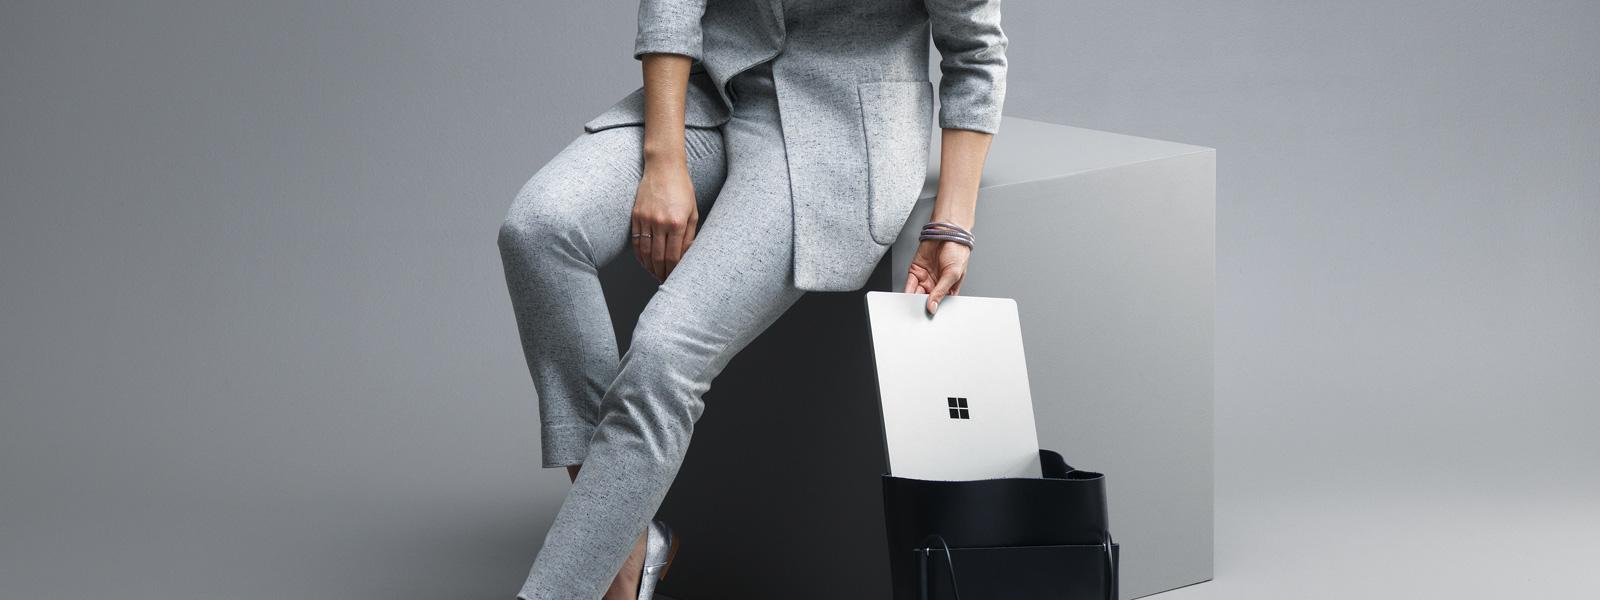 سيدة تضع جهاز Surface Laptop البلاتيني في حقيبتها.